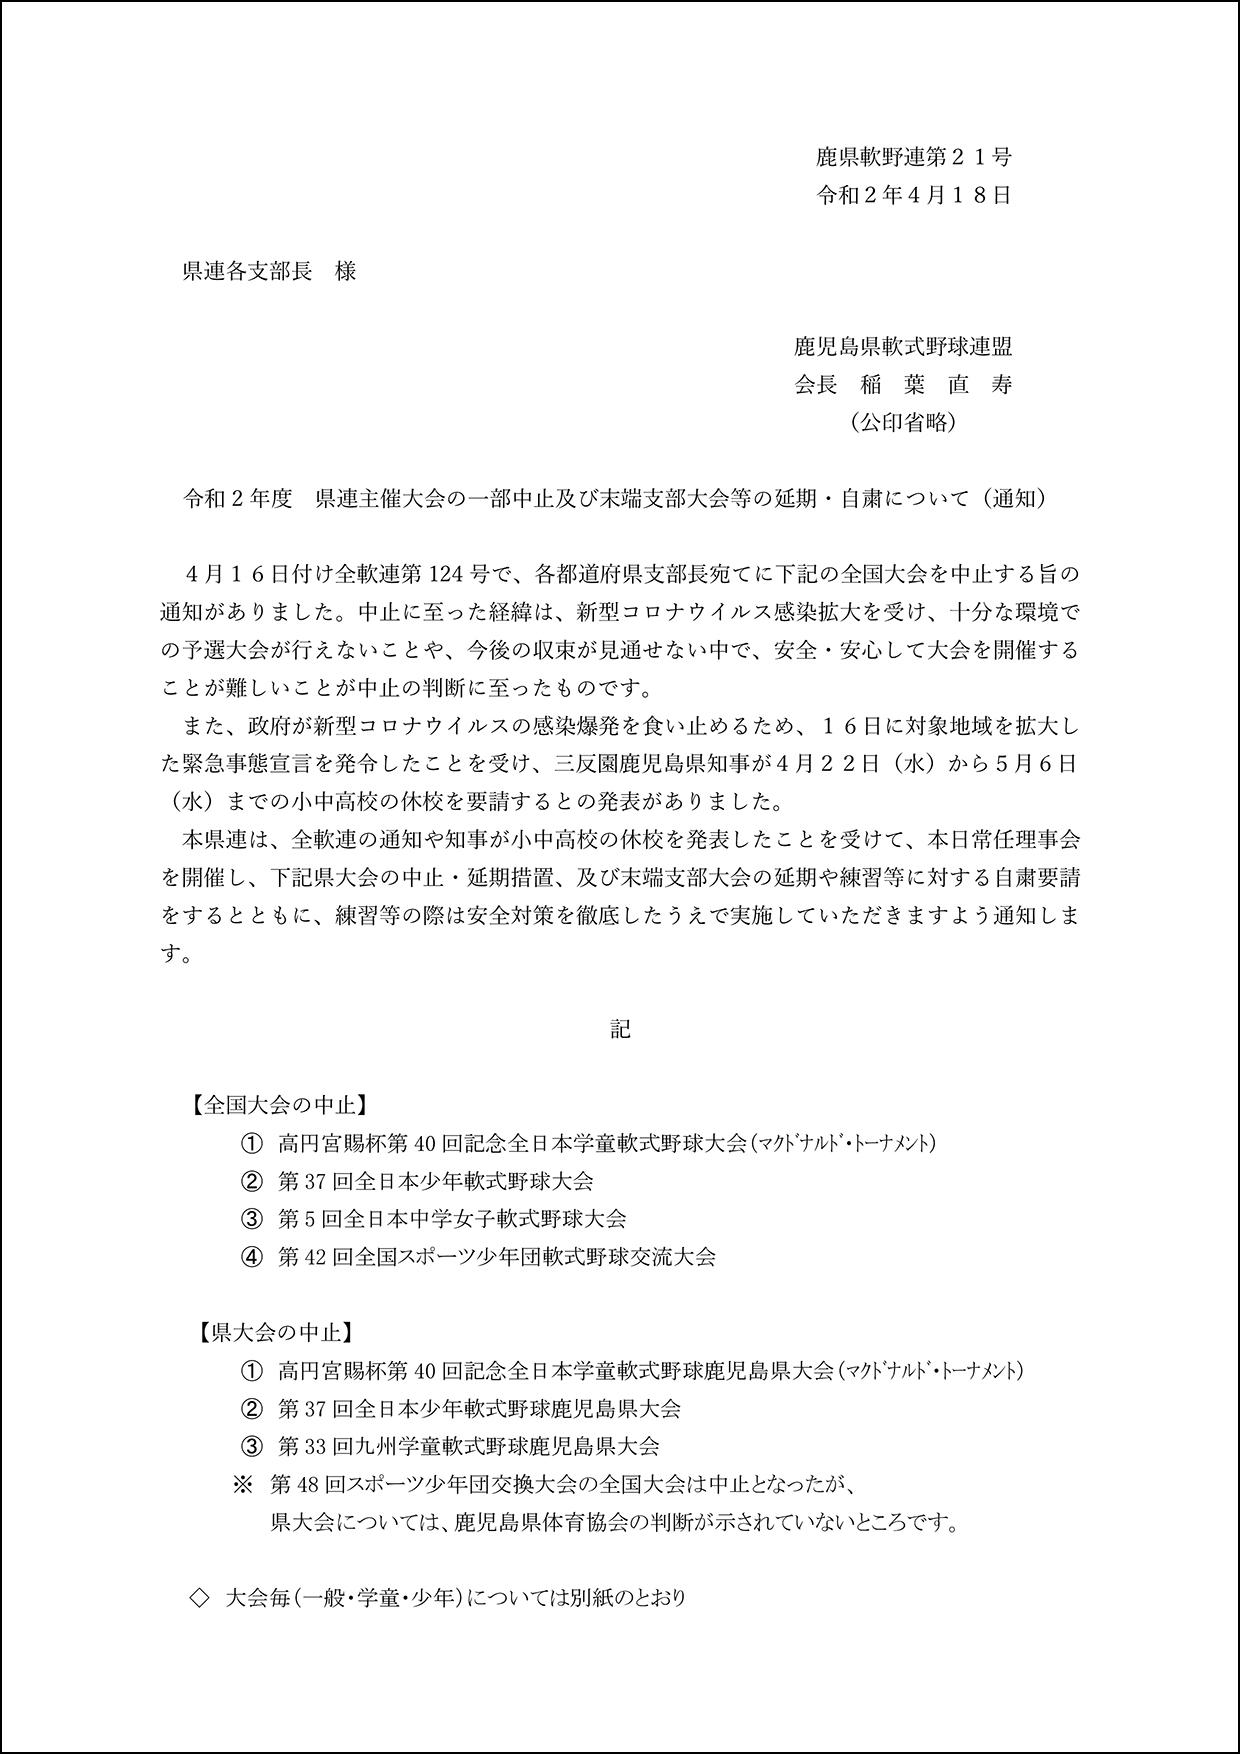 【通知】令和2年度県連主催大会の一部中止及び末端支部大会等の延期・自粛について